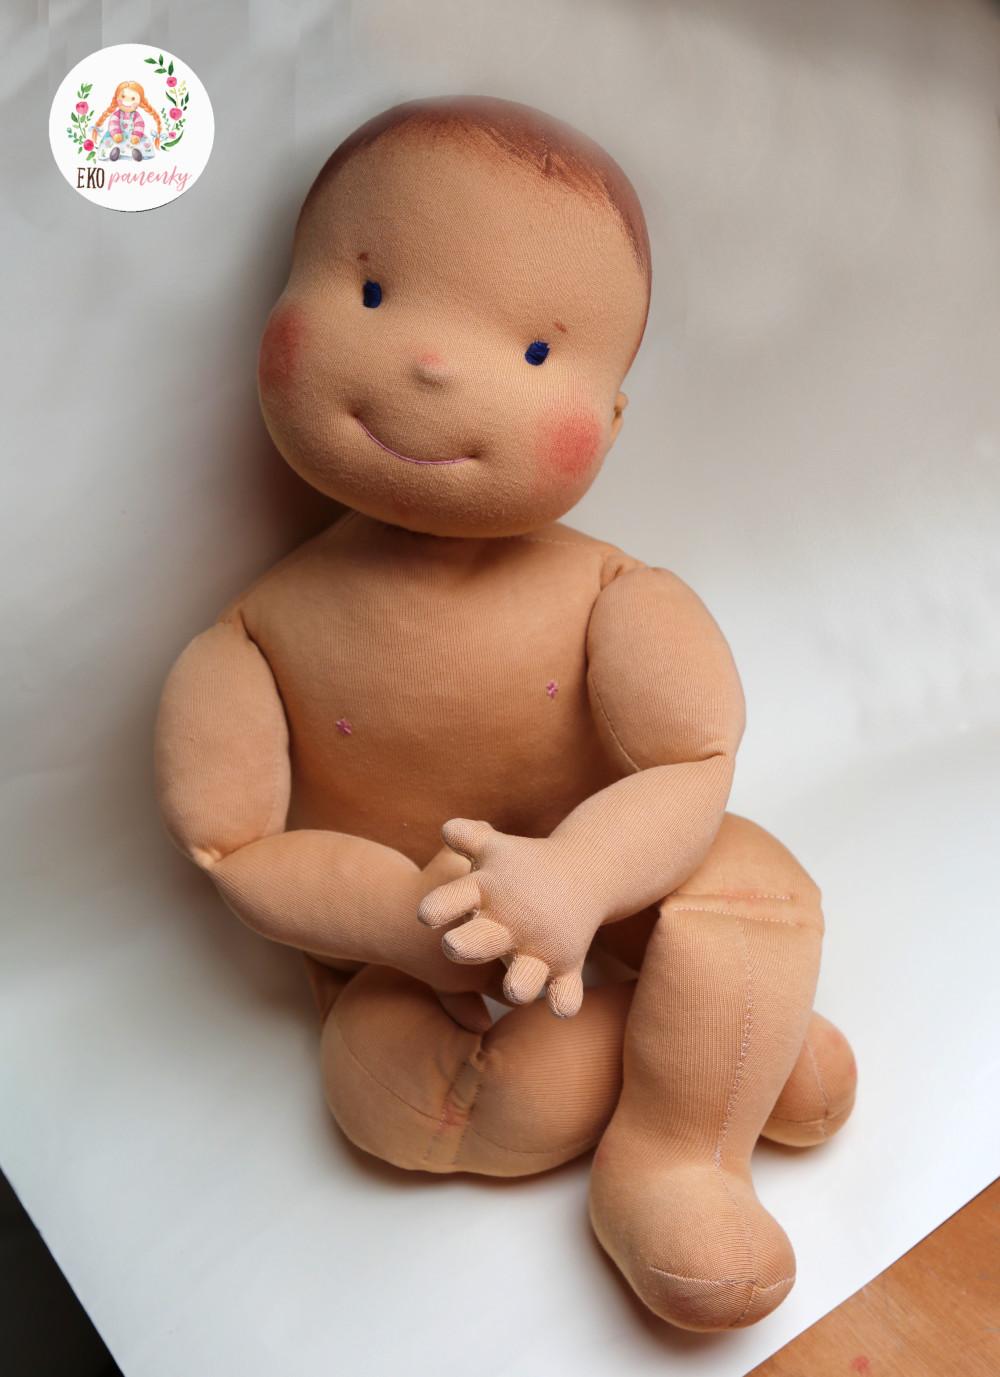 Statečná fyziopanenka, ručně šitá panenka pro fyzioterapeuty, 60 cm, ekopanenky.cz